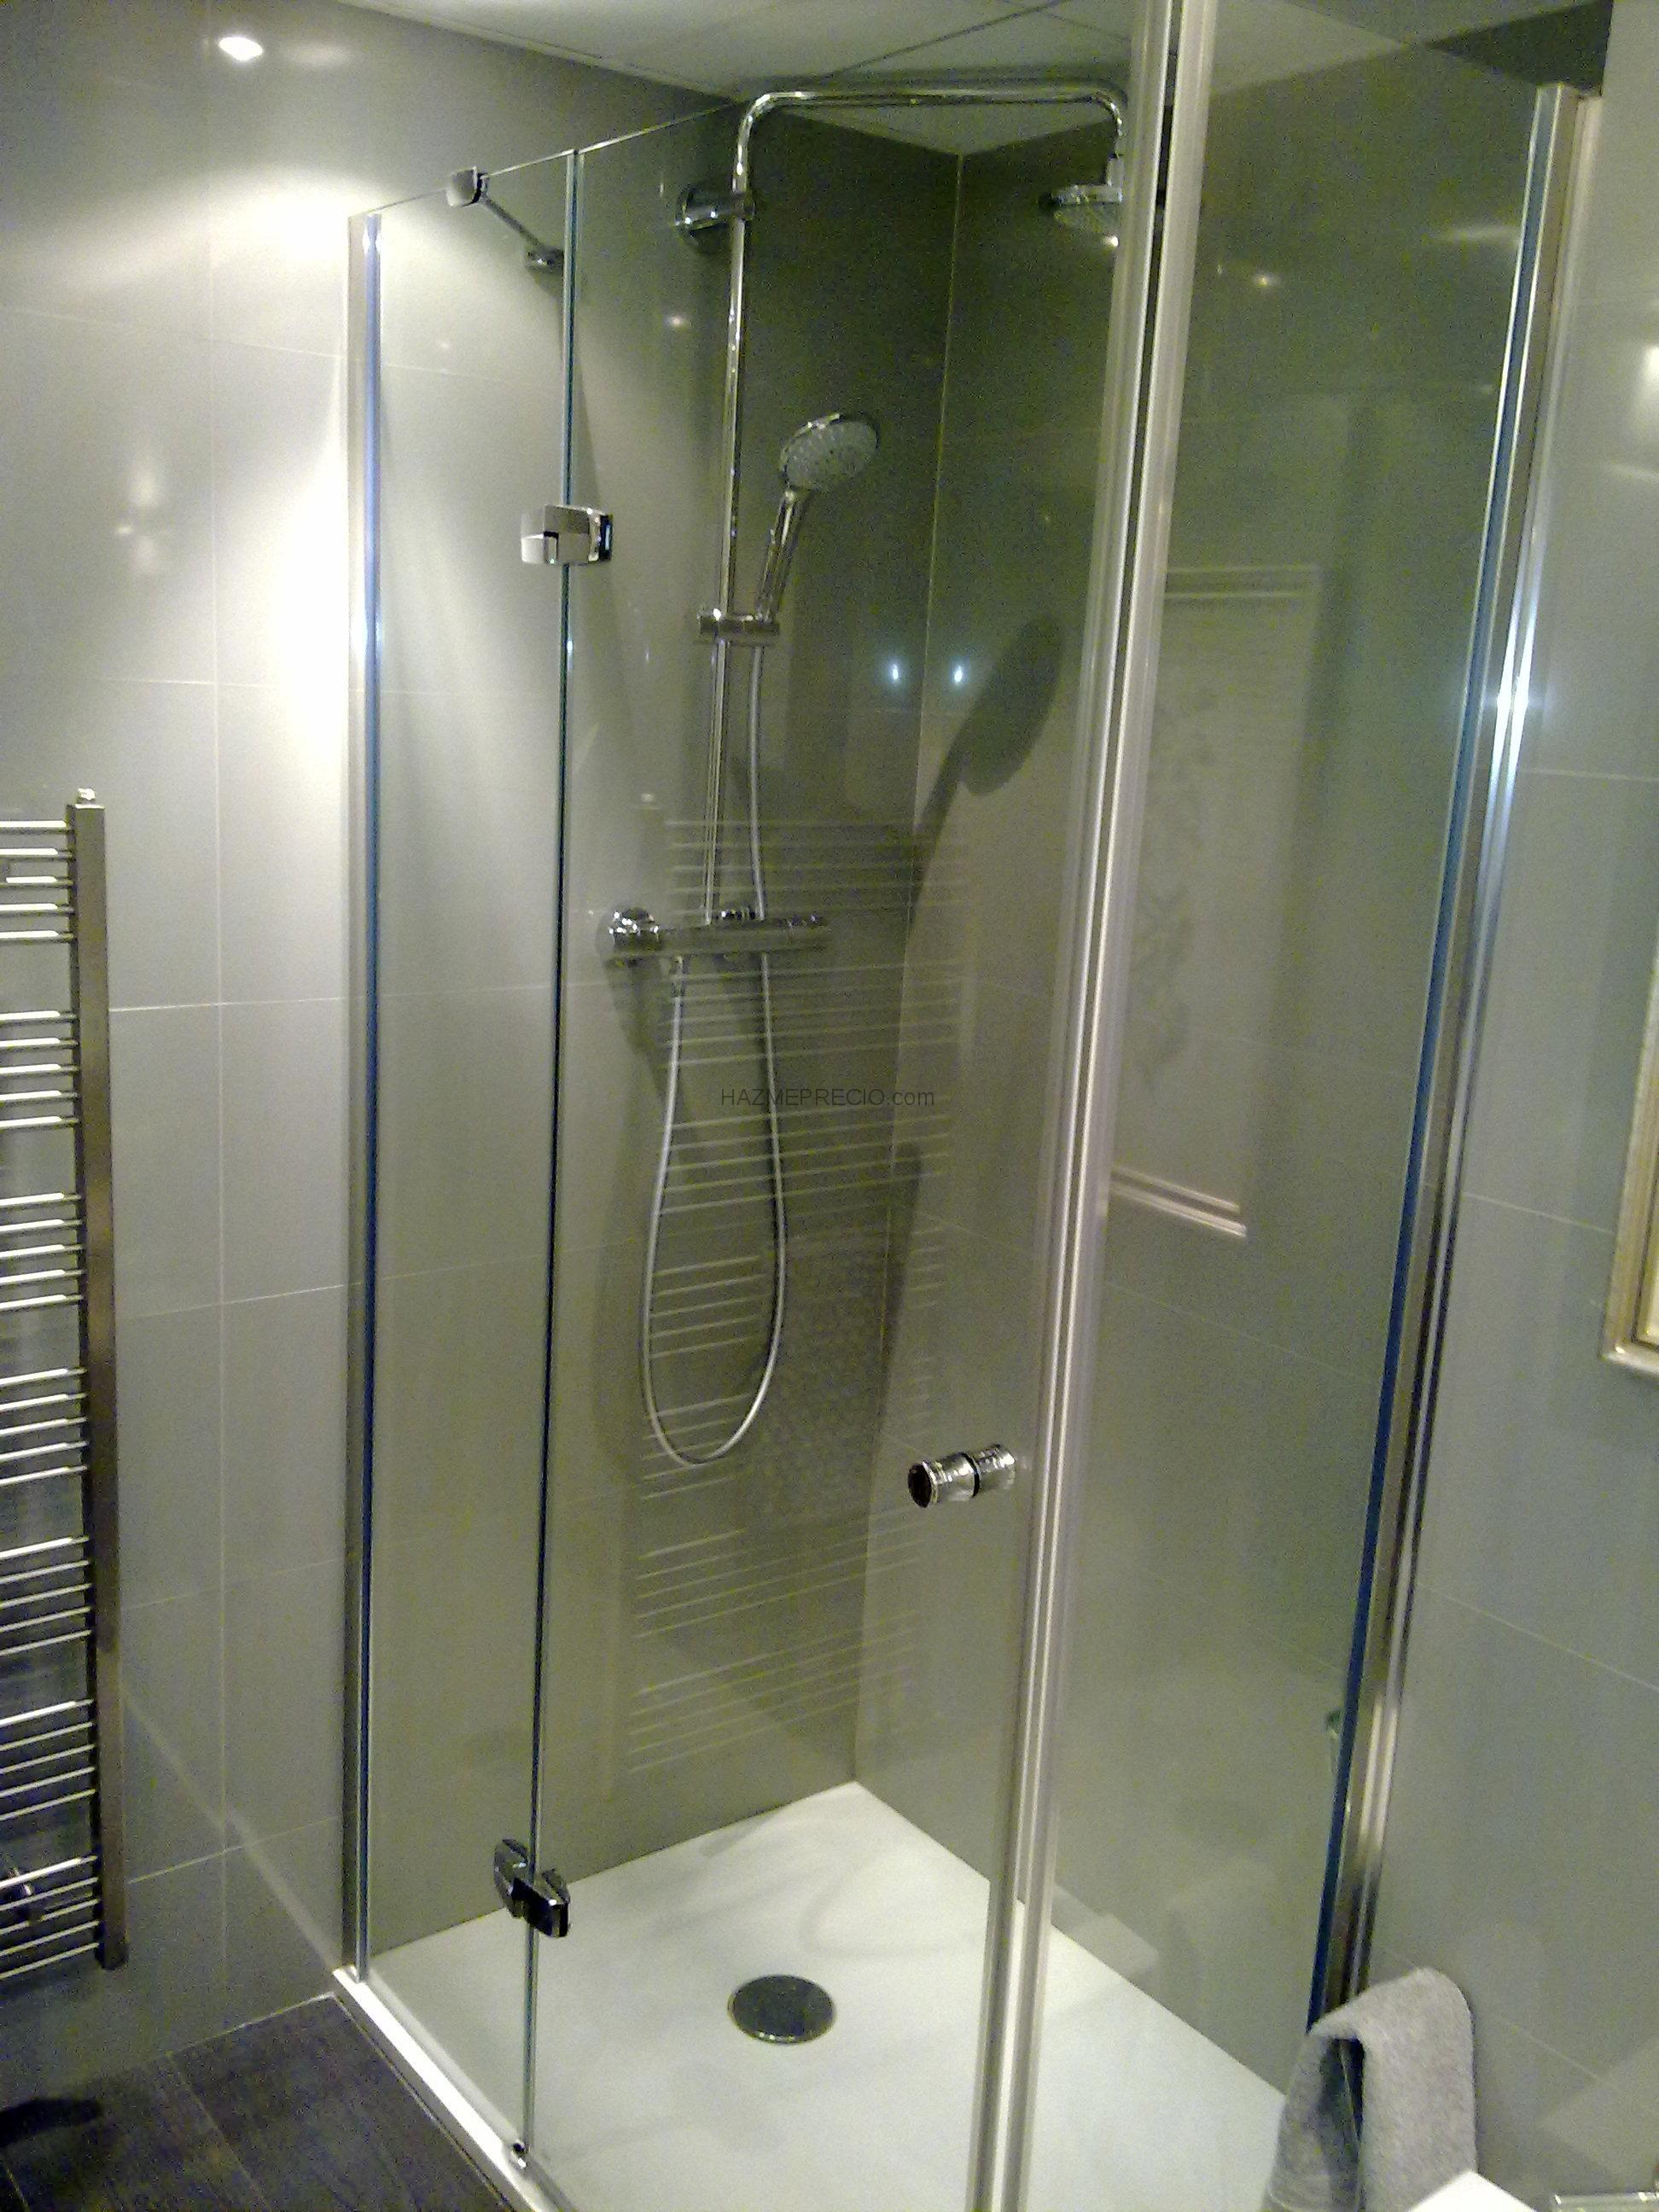 Mamparas Para Baño Salta:Publicado en Reformas baños Zaragoza